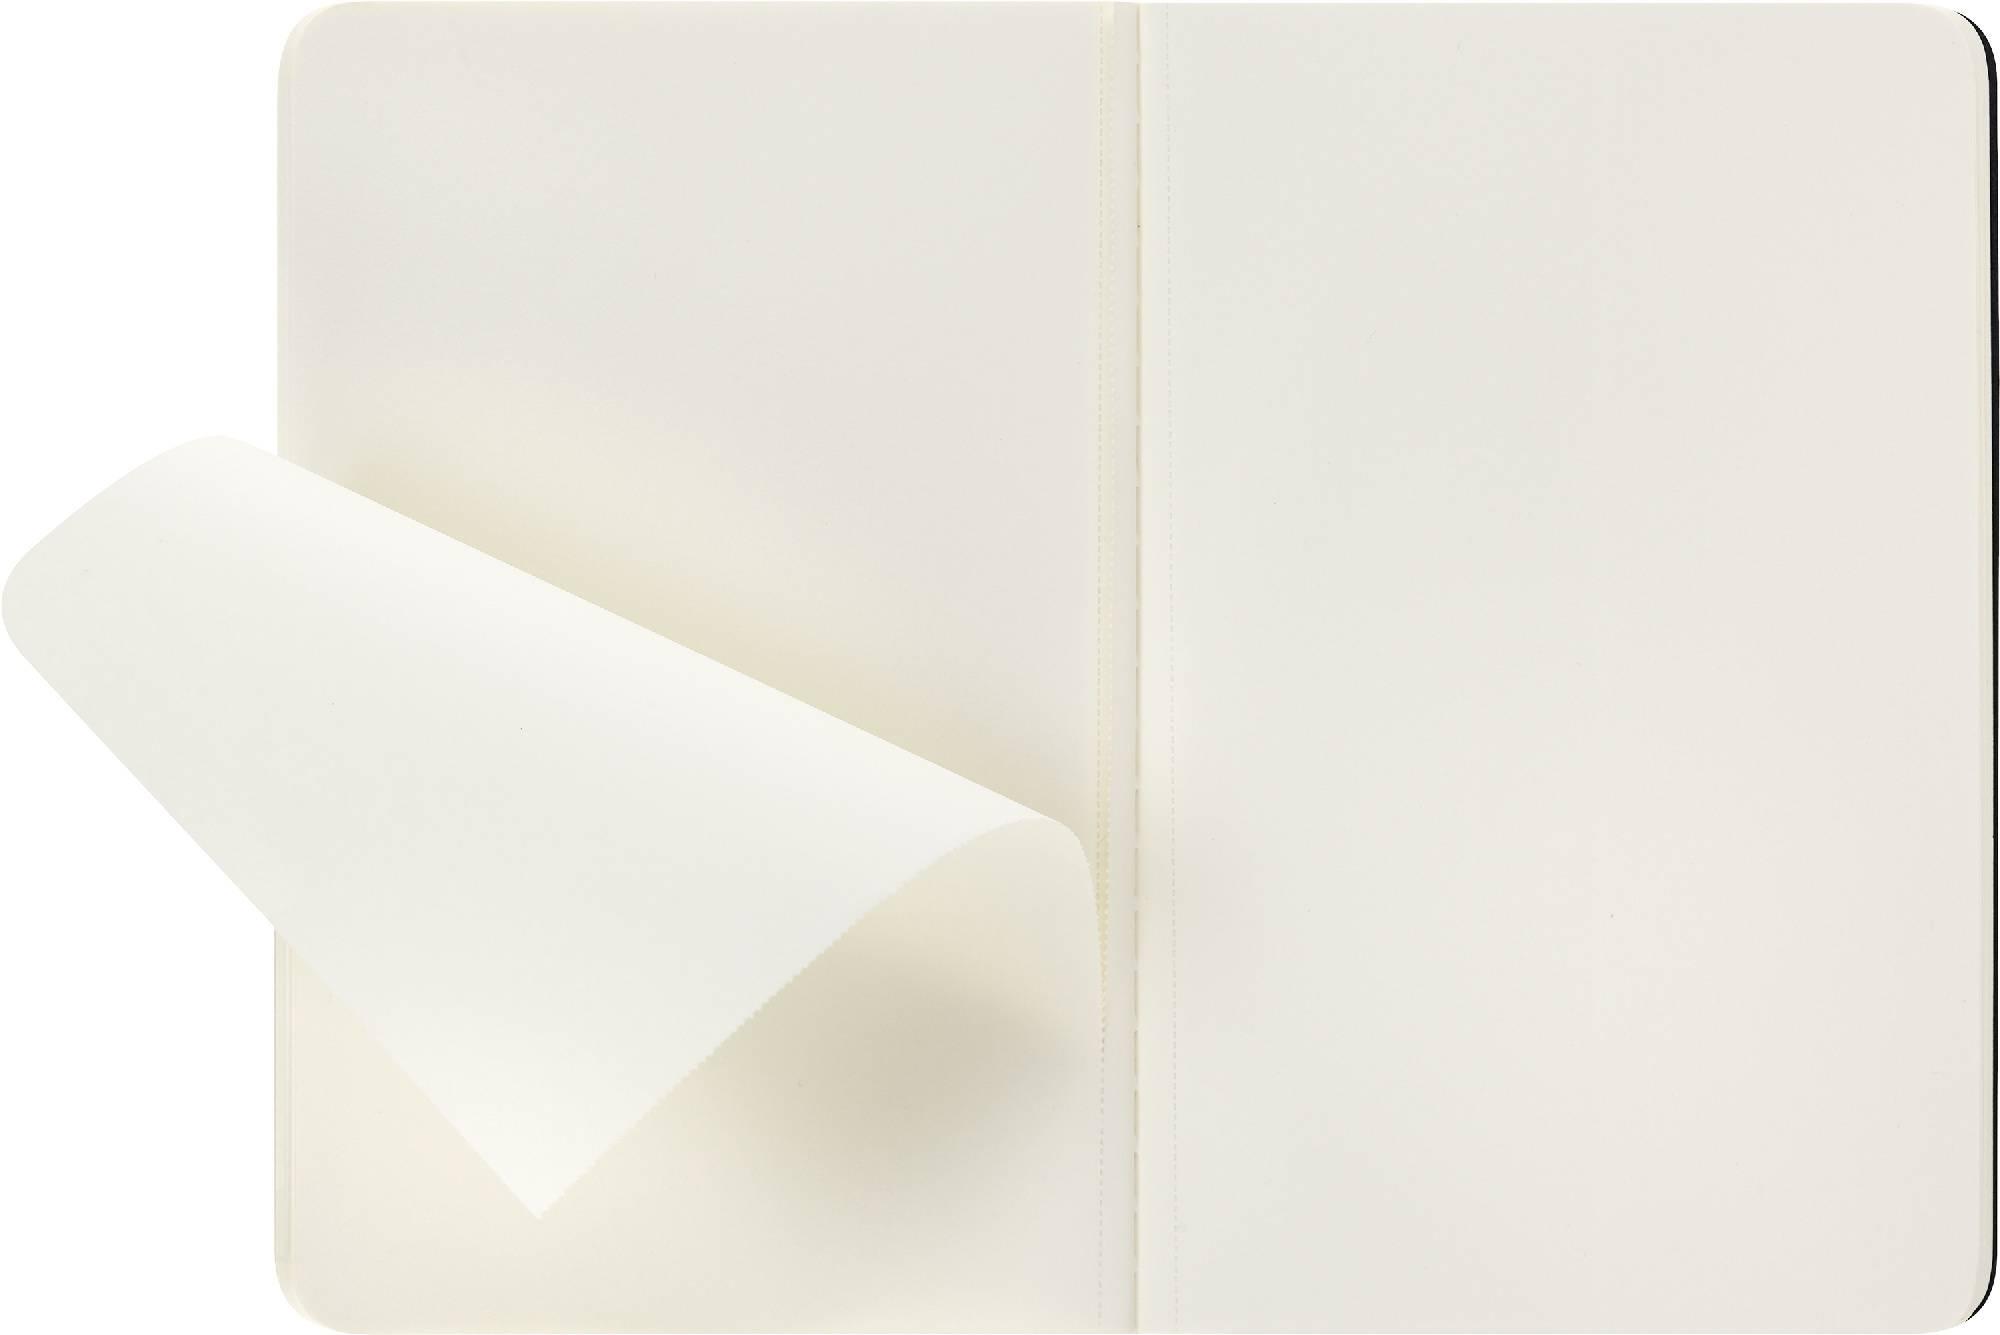 Блокнот Moleskine CAHIER JOURNAL 90x140мм обложка картон 64стр. нелинованный черный (3шт) - фото 3